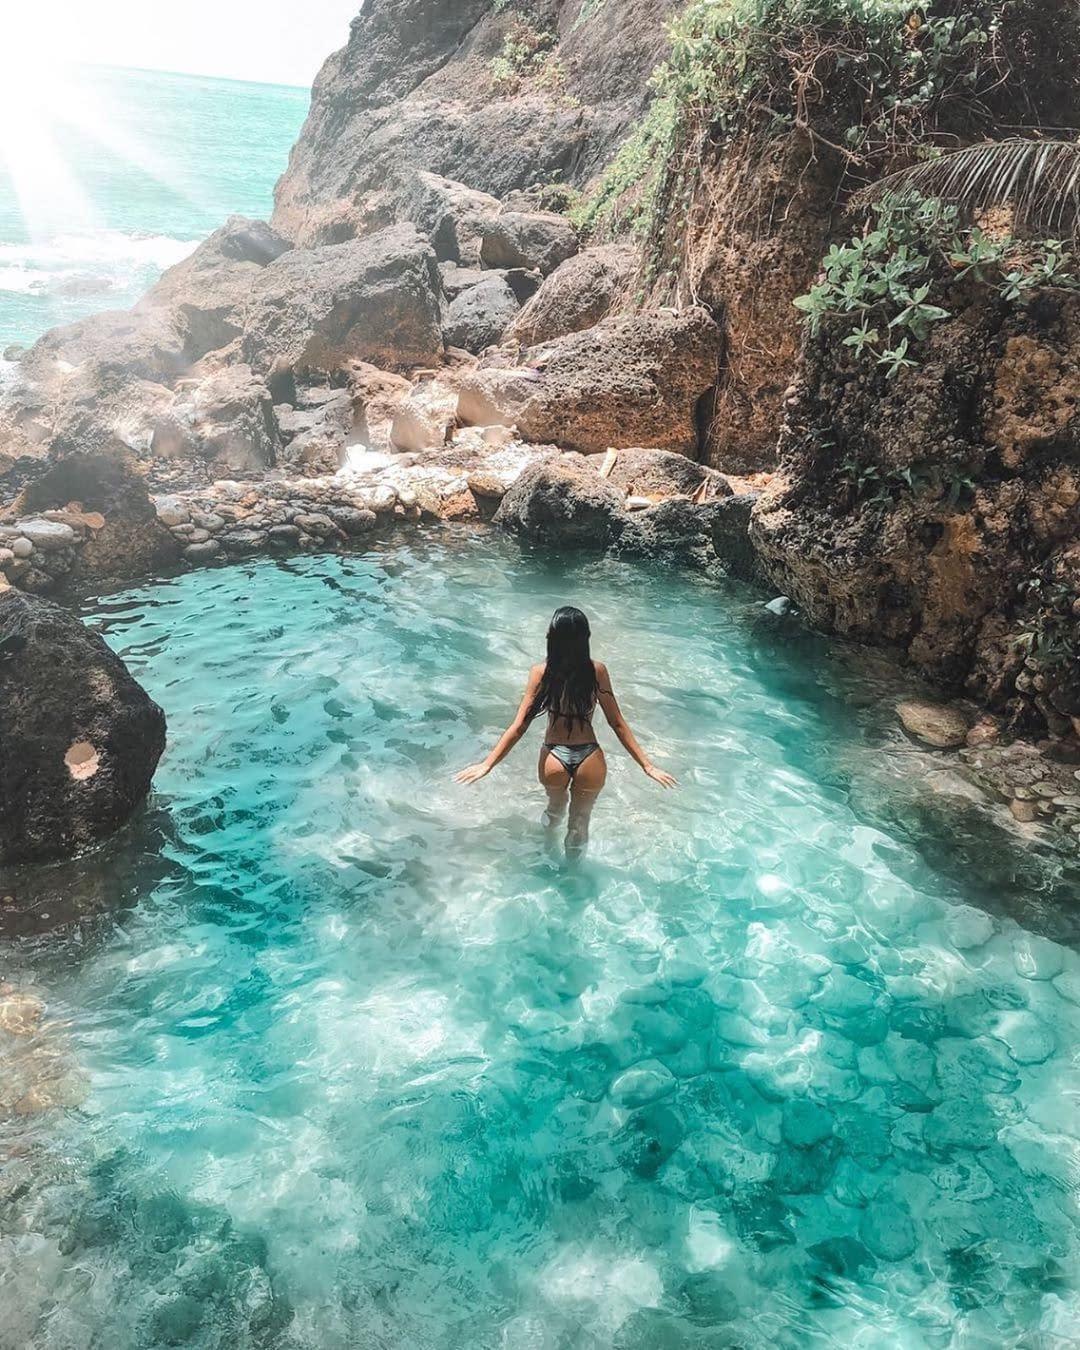 Tumbeling Beach 10 awesome things to do on nusa penida island  interesting destination vdiscovery arvinovoyage